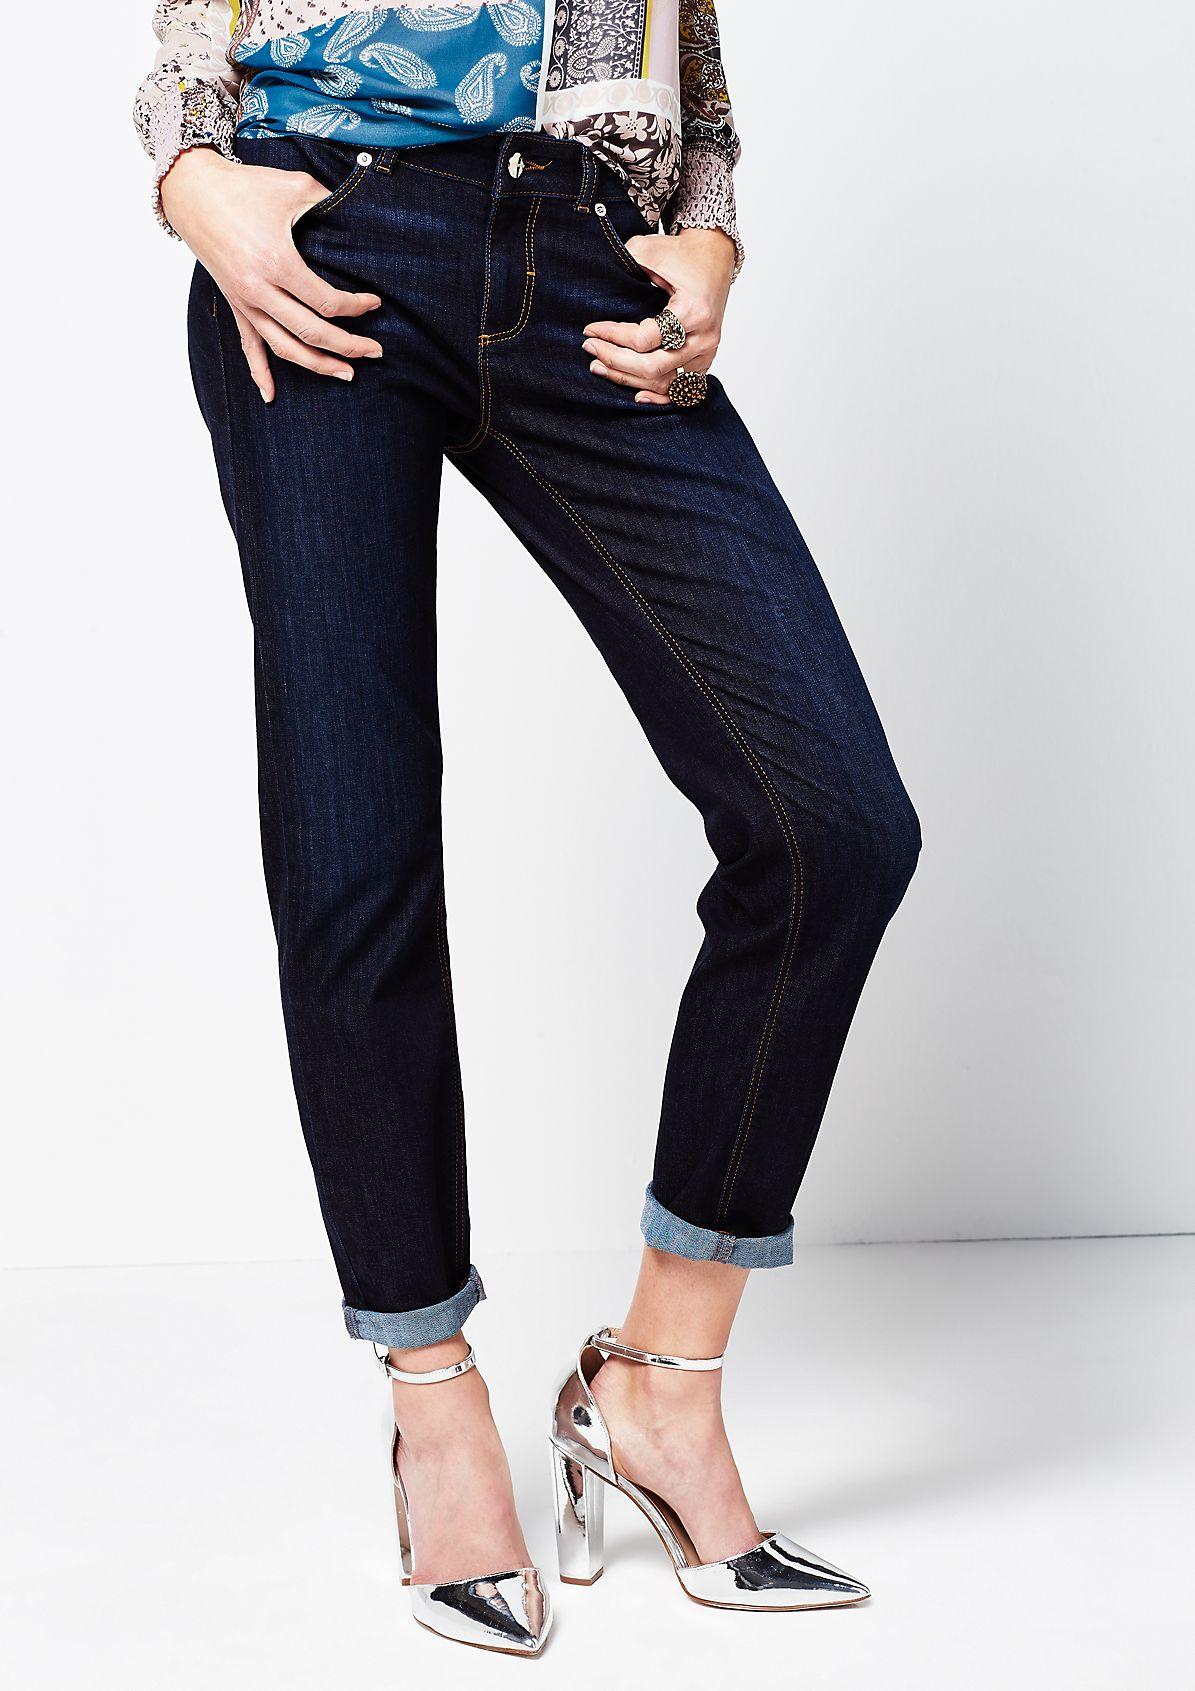 Leichte Jeans im klassischen Look